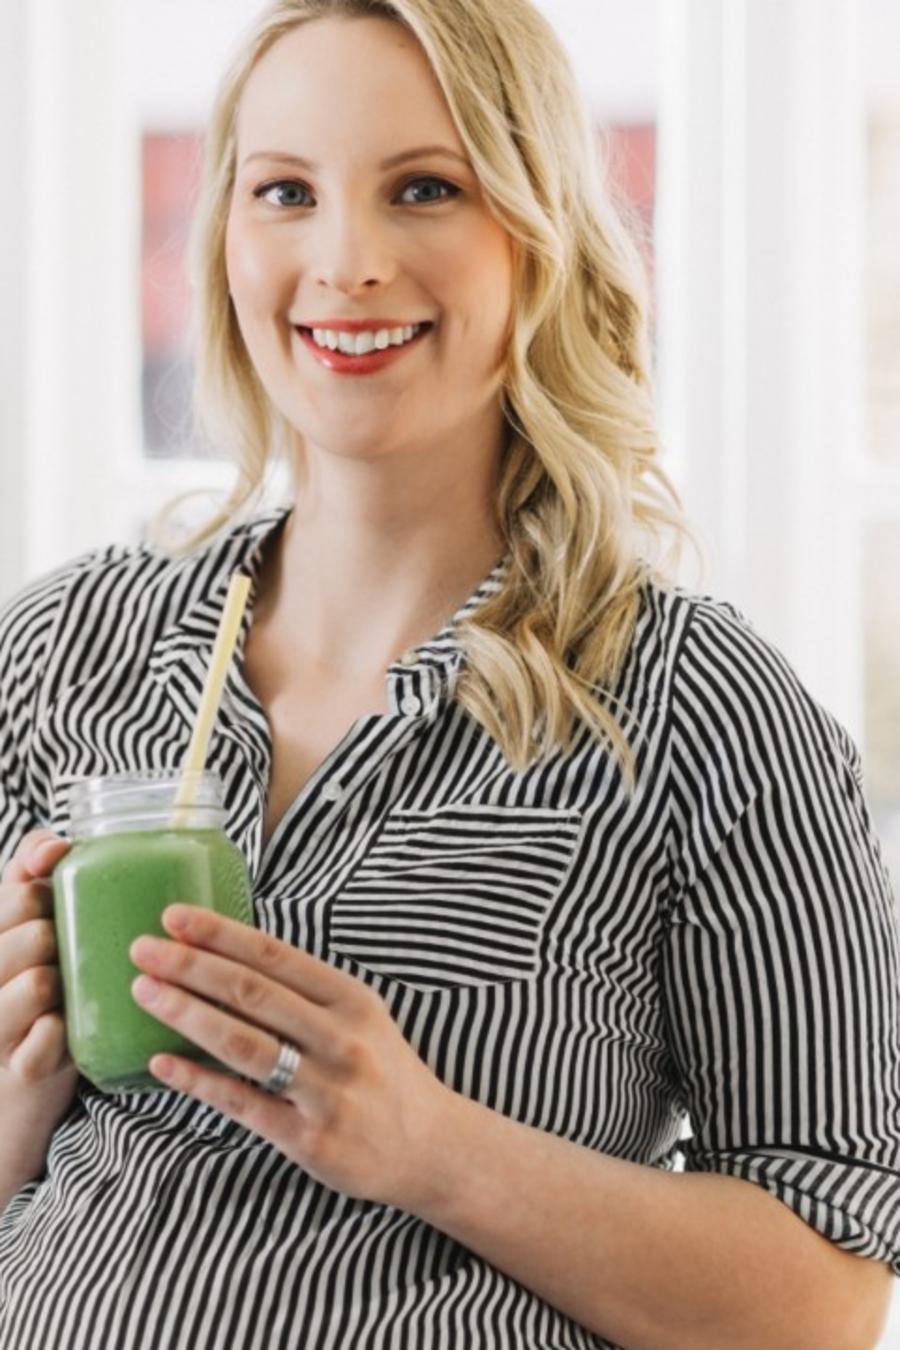 Embarazada tomando jugo verde